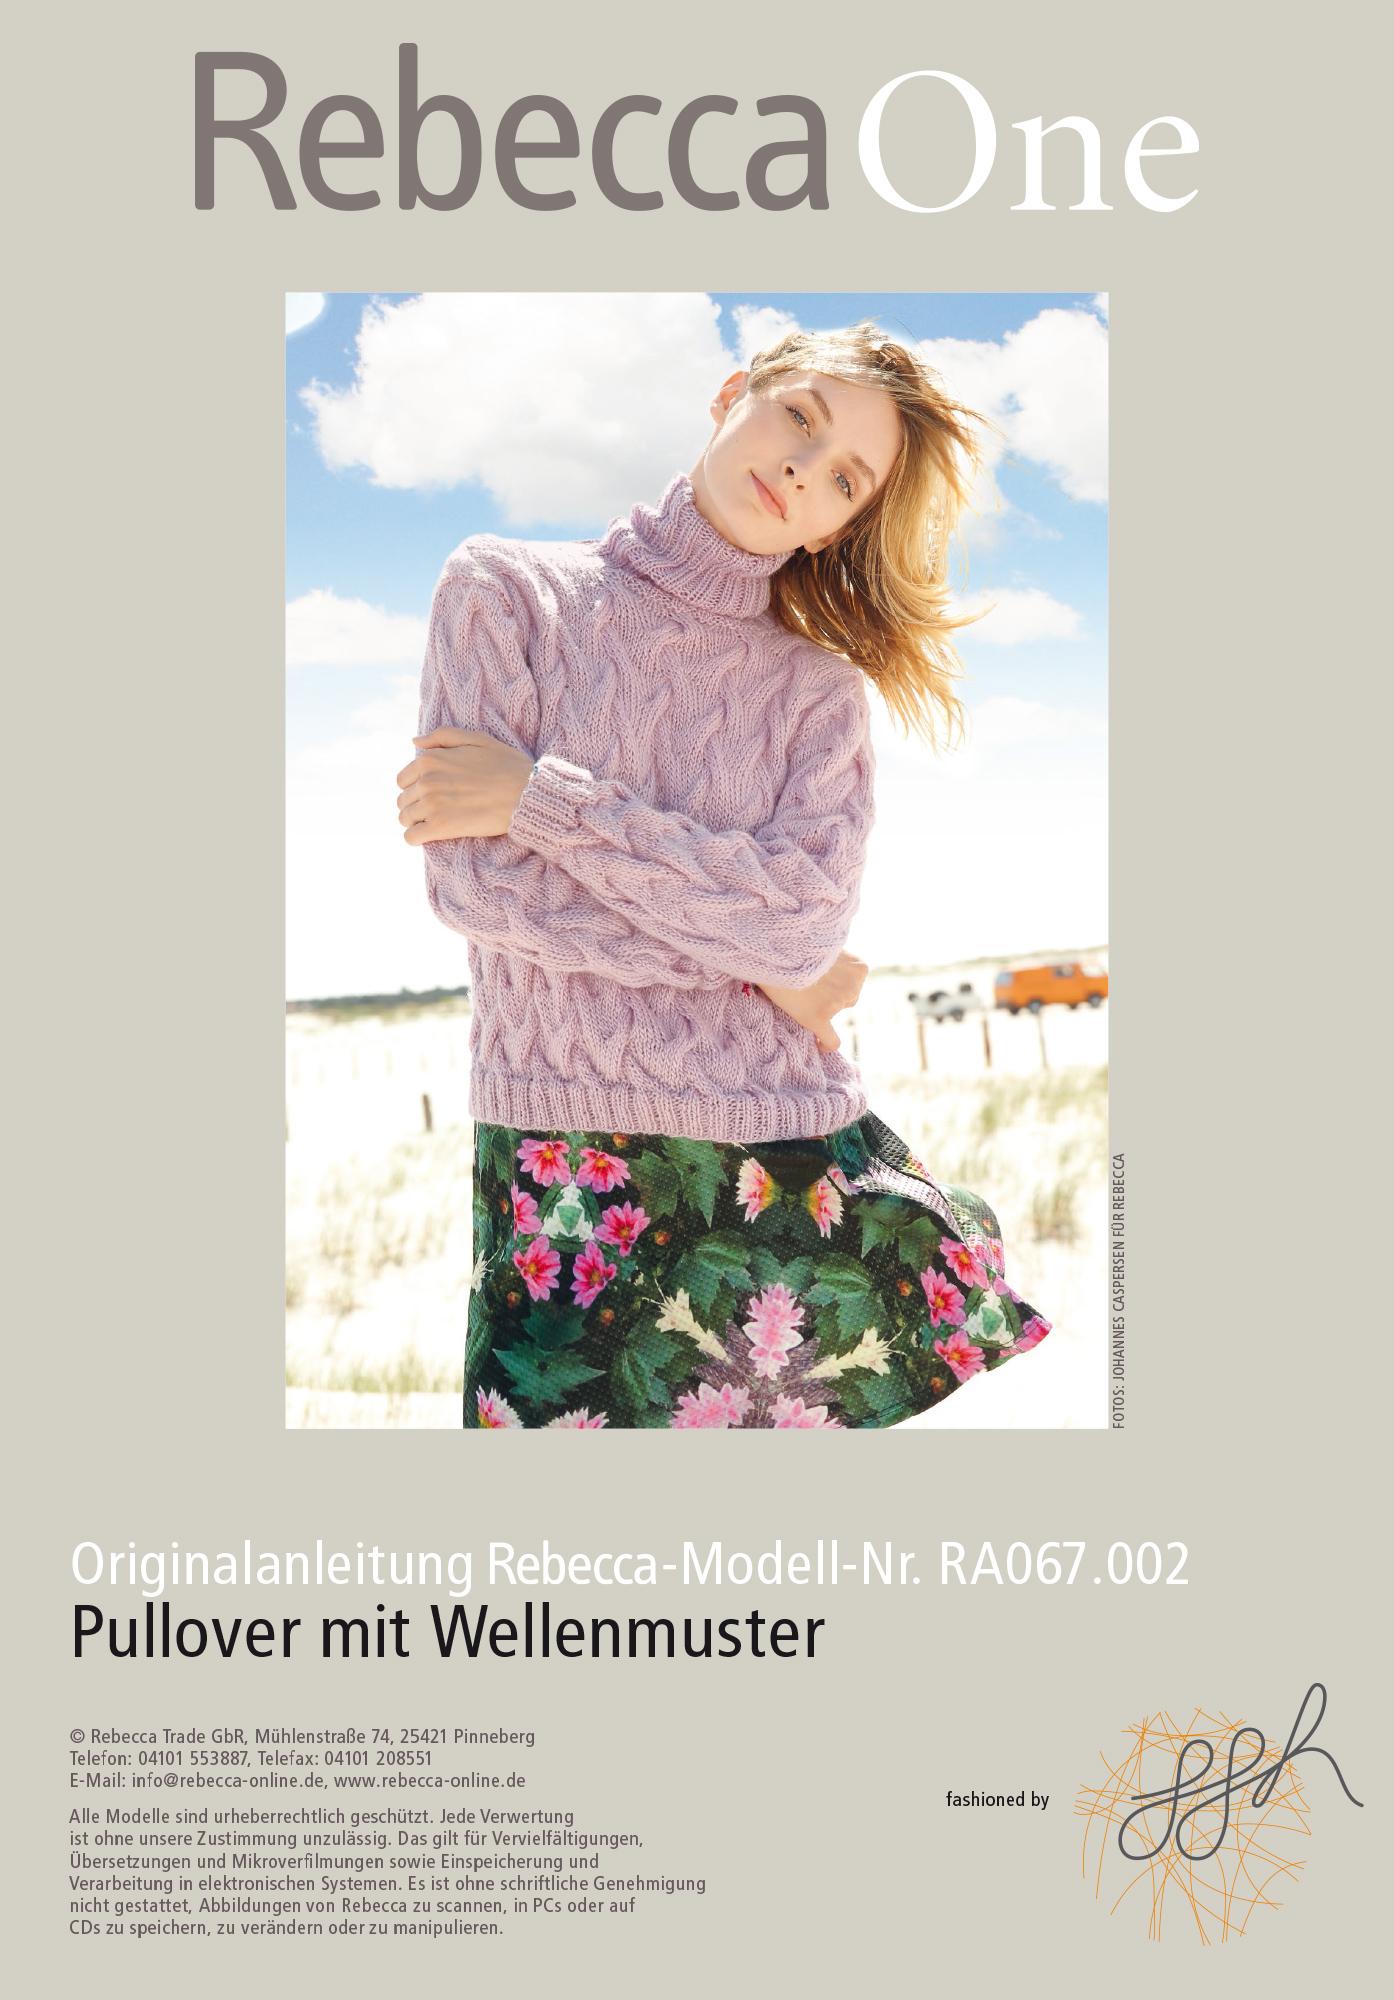 Gestrickter Pullover mit Lochmuster, Wellenmuster und